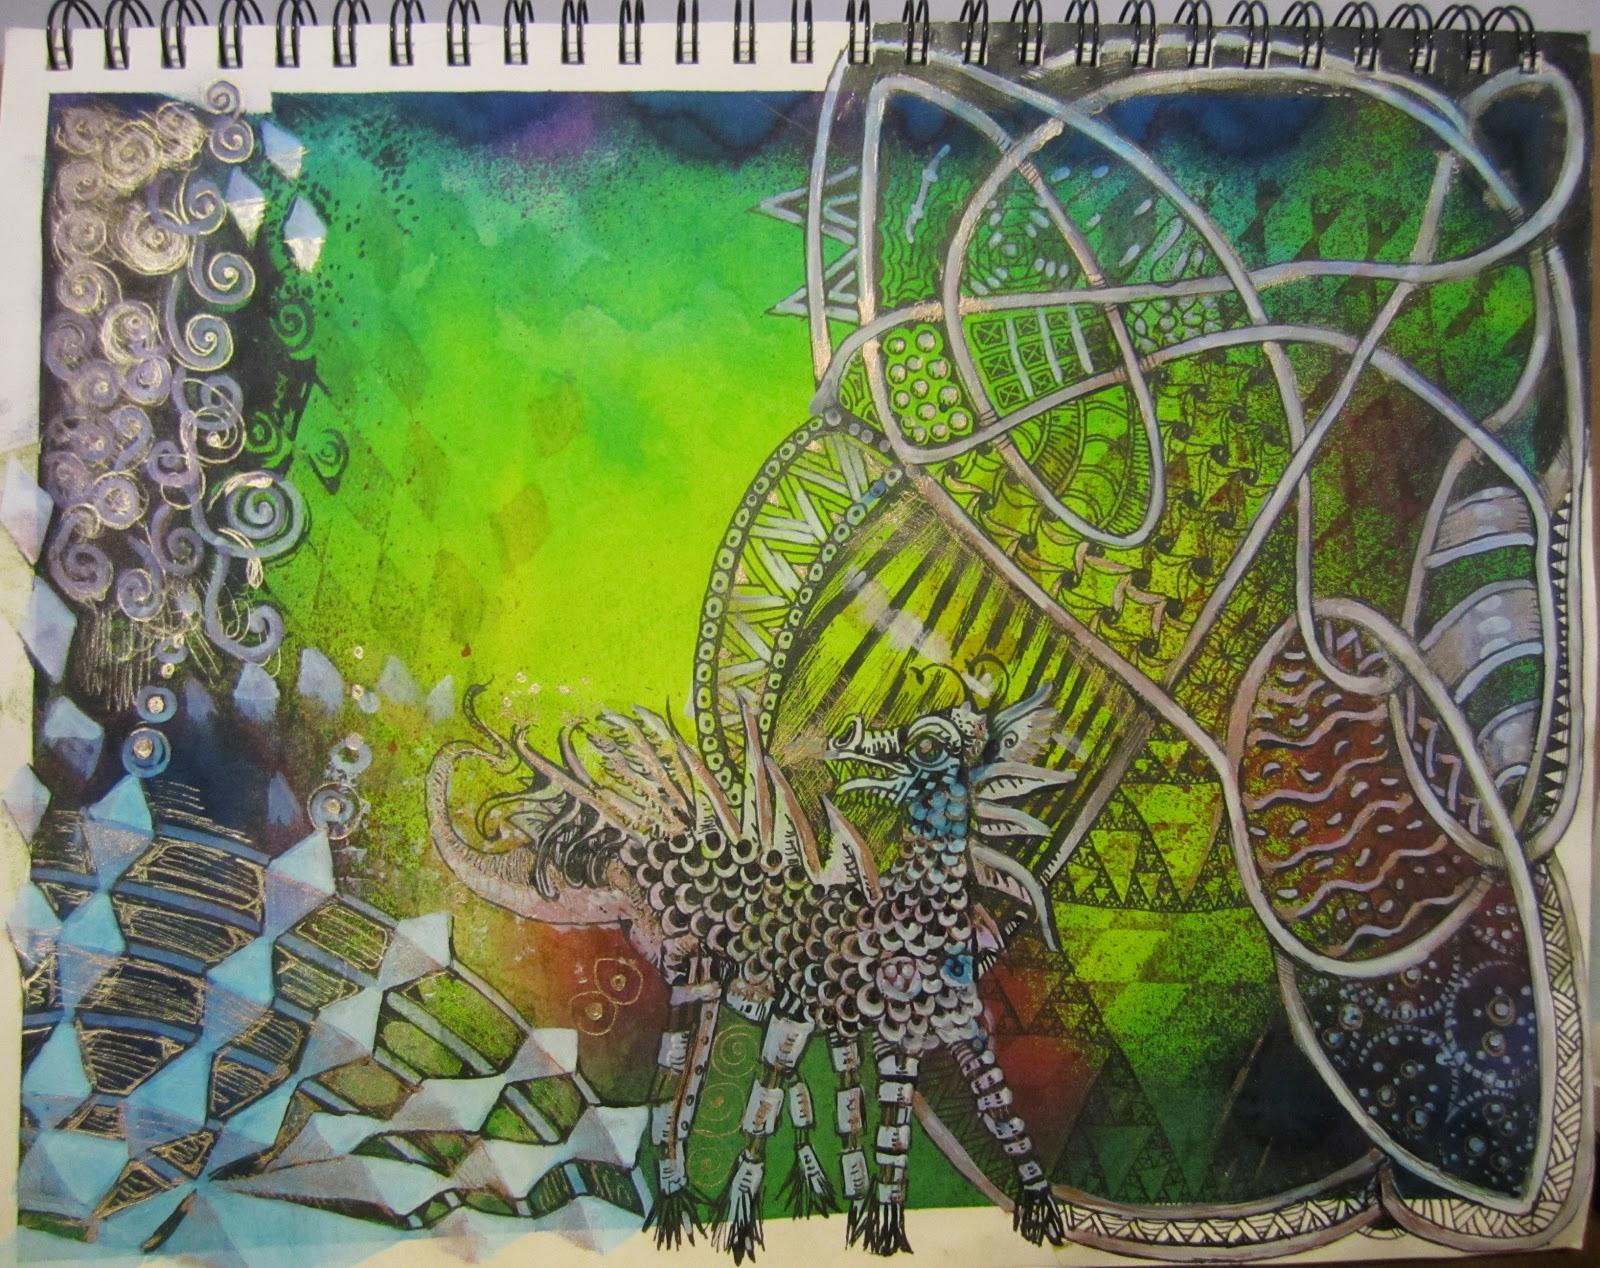 http://2.bp.blogspot.com/-40dl8DNB4wQ/UKPtzTsLd9I/AAAAAAAAGUg/NzTtNJFvHBU/s1600/Dragonette-Stillman+&+Birn.jpg